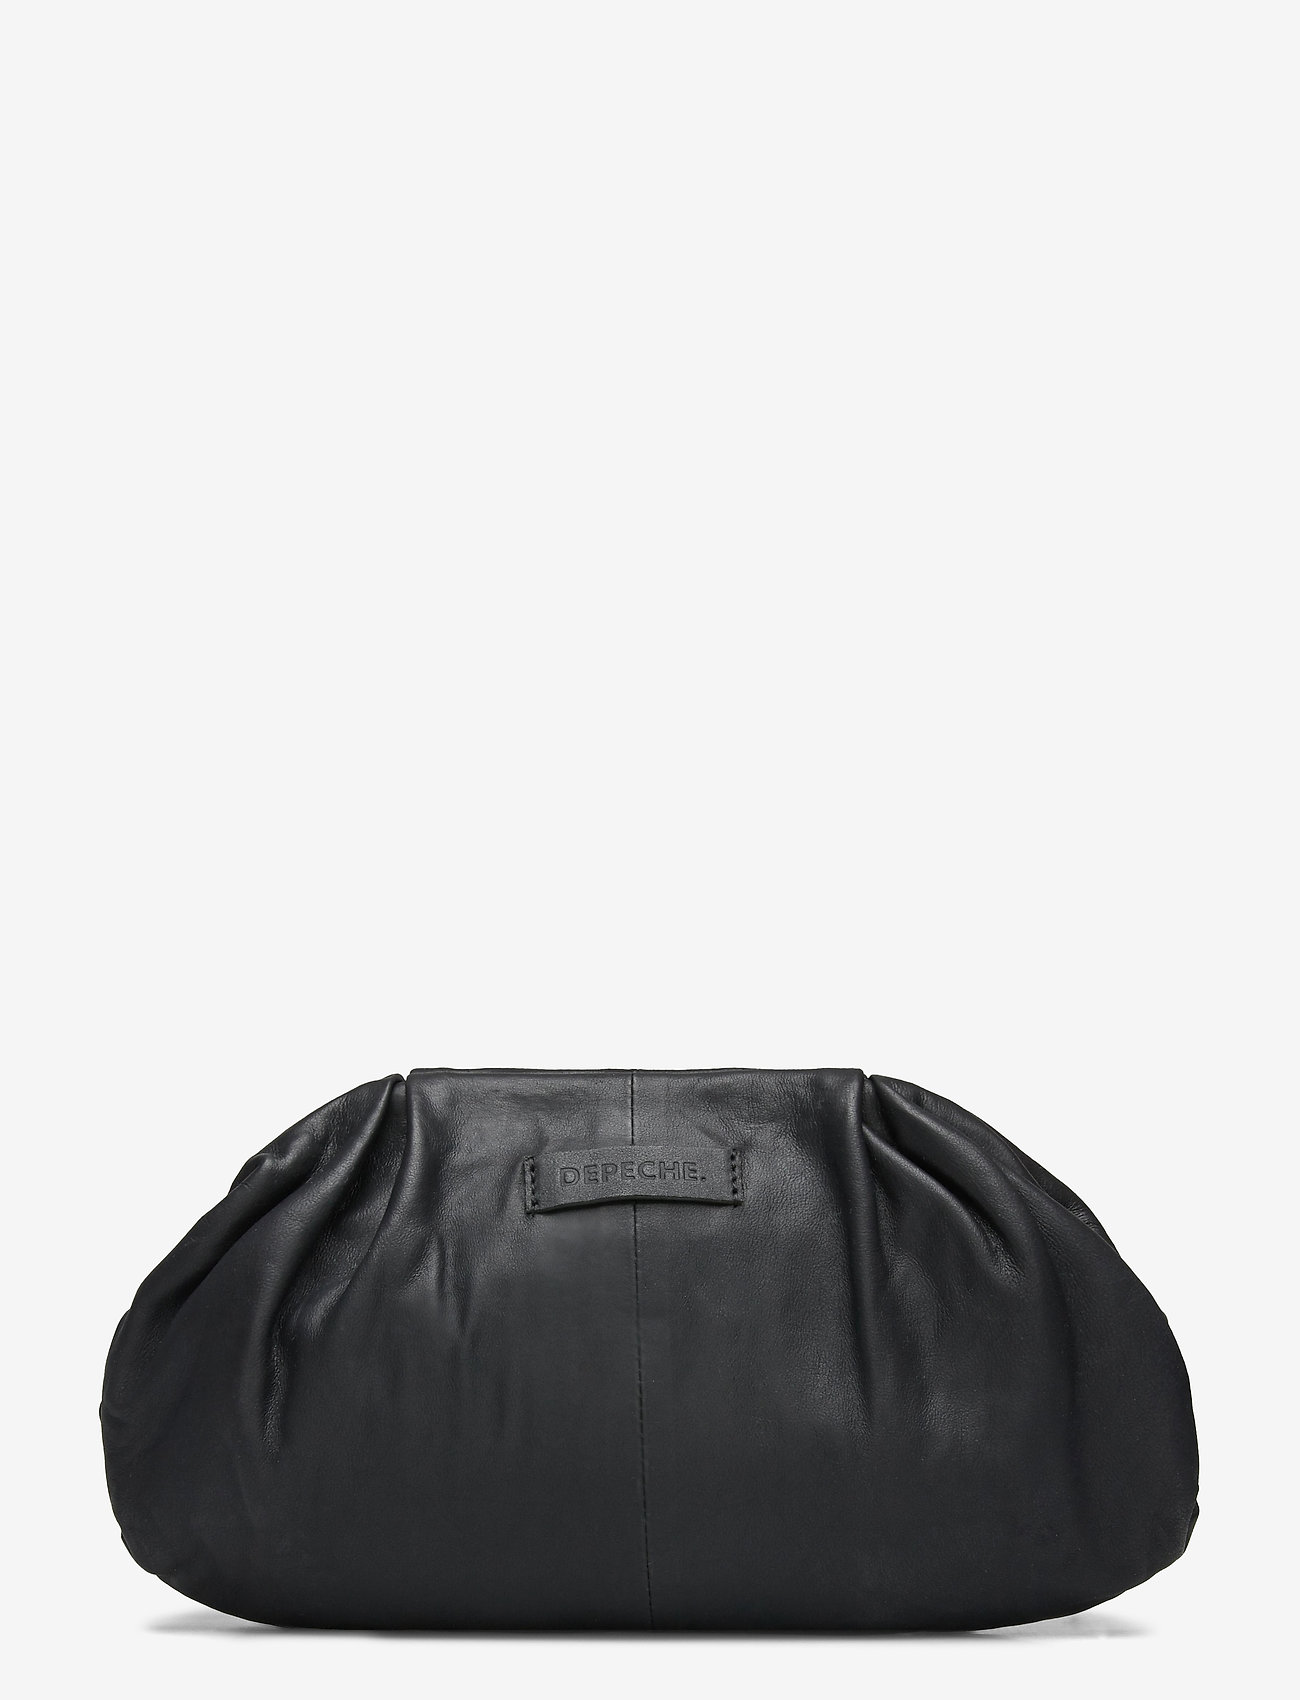 DEPECHE - Small bag / Clutch - kirjekuorilaukut - 099 black (nero) - 1